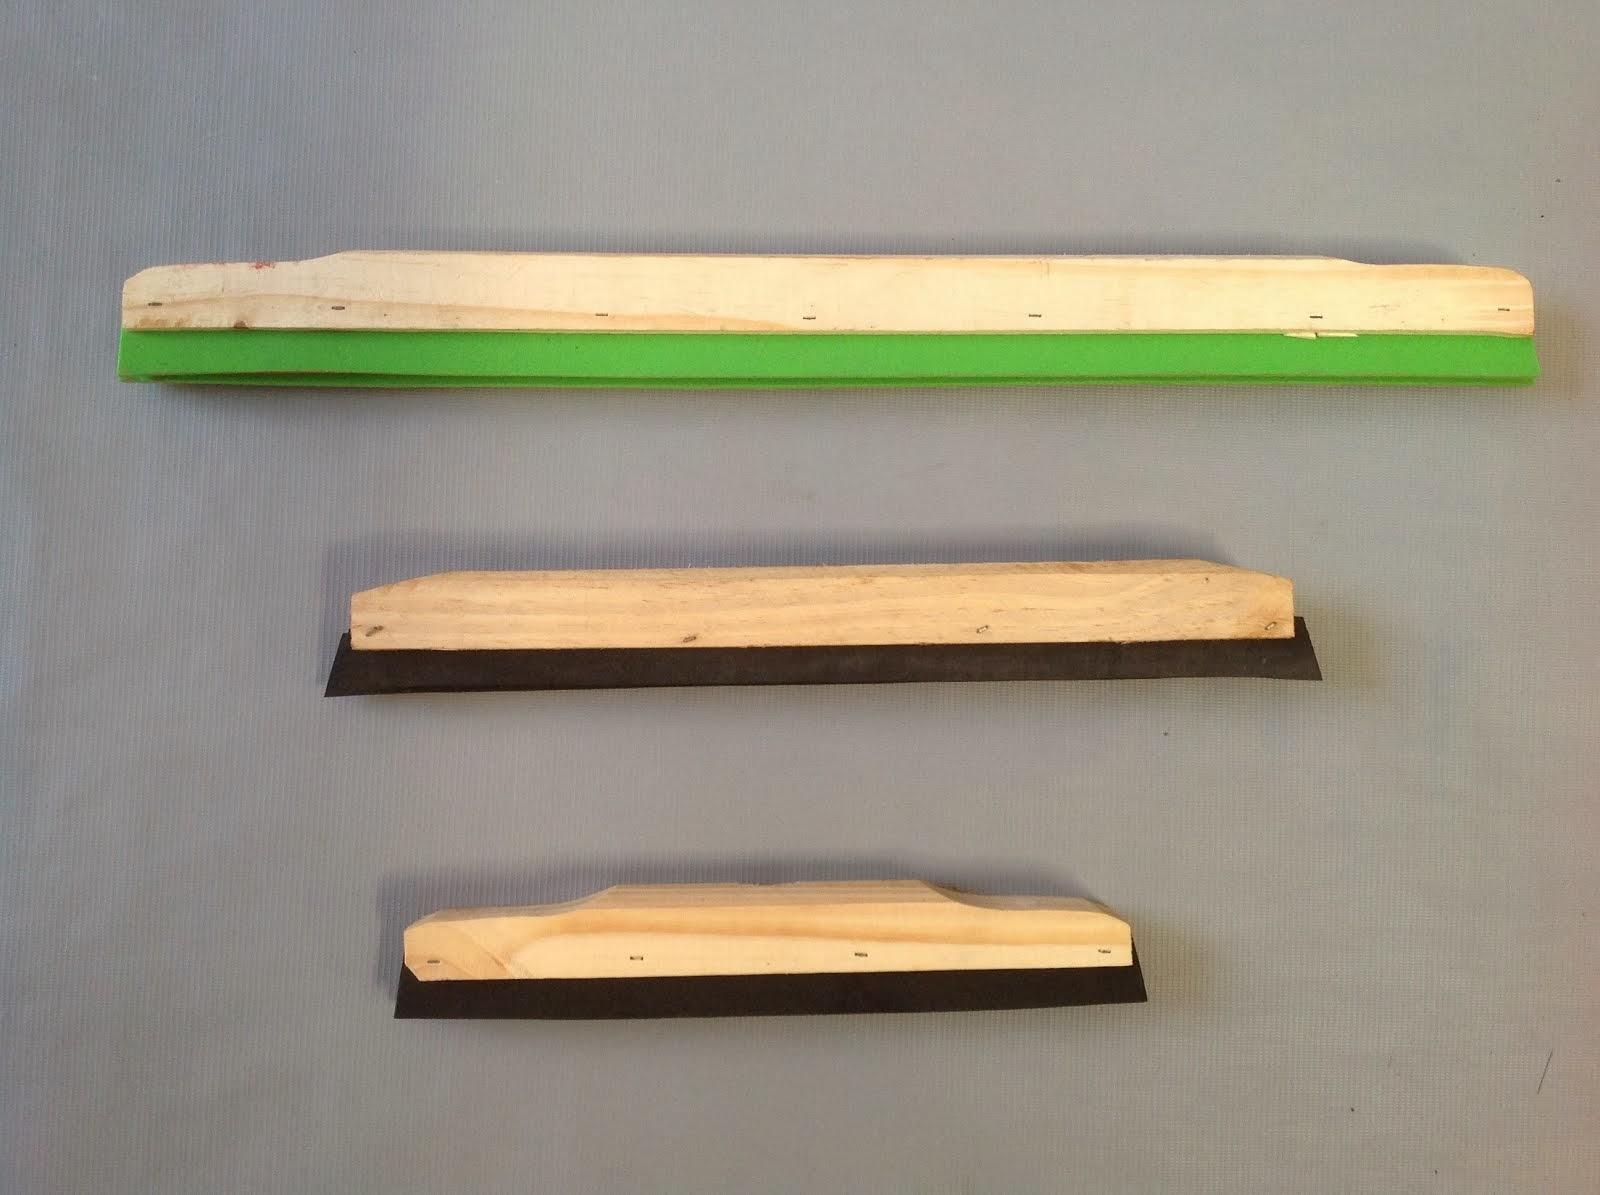 Rodo madeira duplo 60 cm, 40 cm, 30 cm